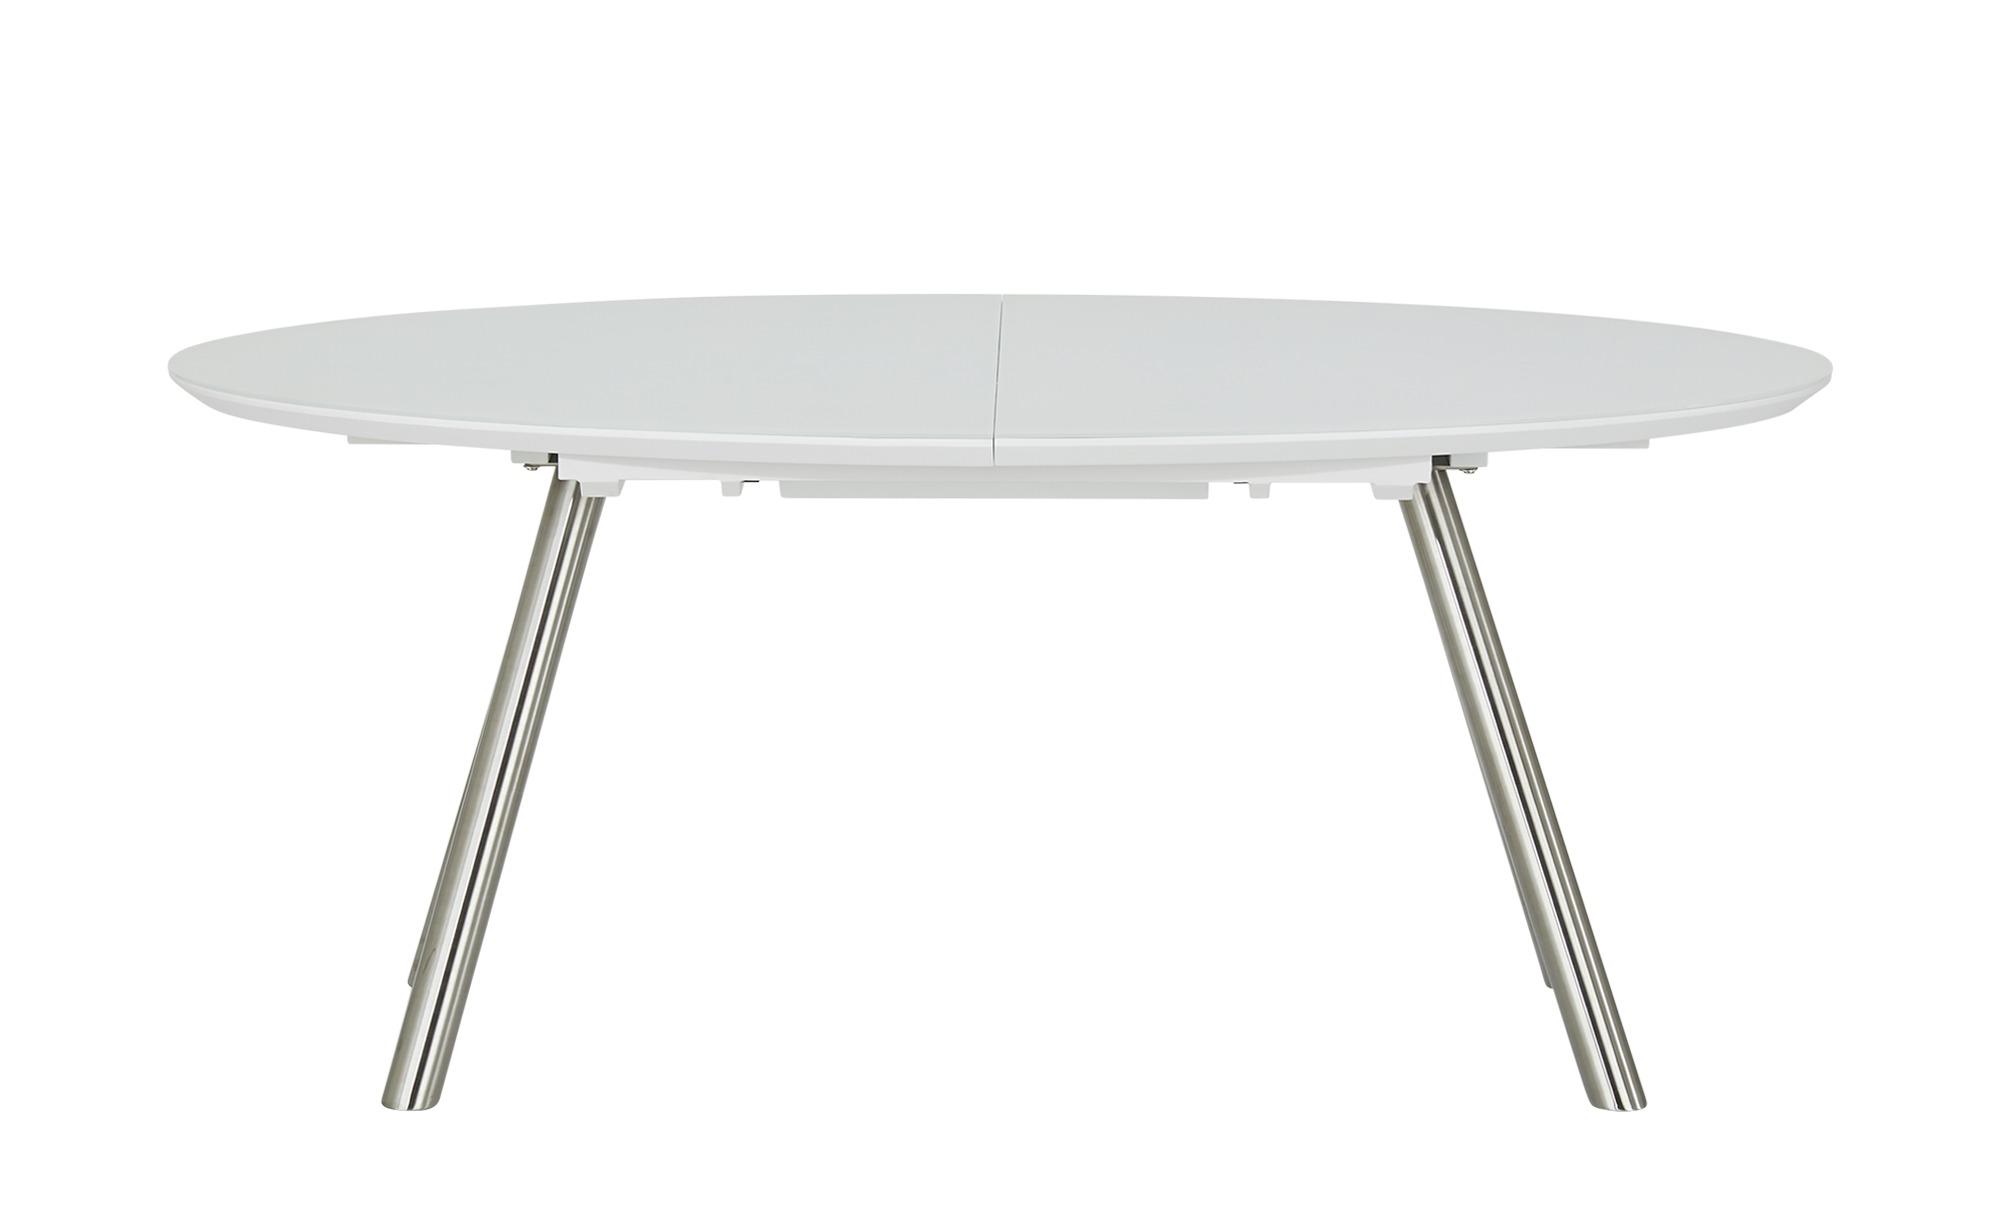 uno Glastisch ausziehbar  Doug-2 - weiß - 105 cm - 76,5 cm - Tische > Esstische - Möbel Kraft   Wohnzimmer > Tische > Glastische   uno